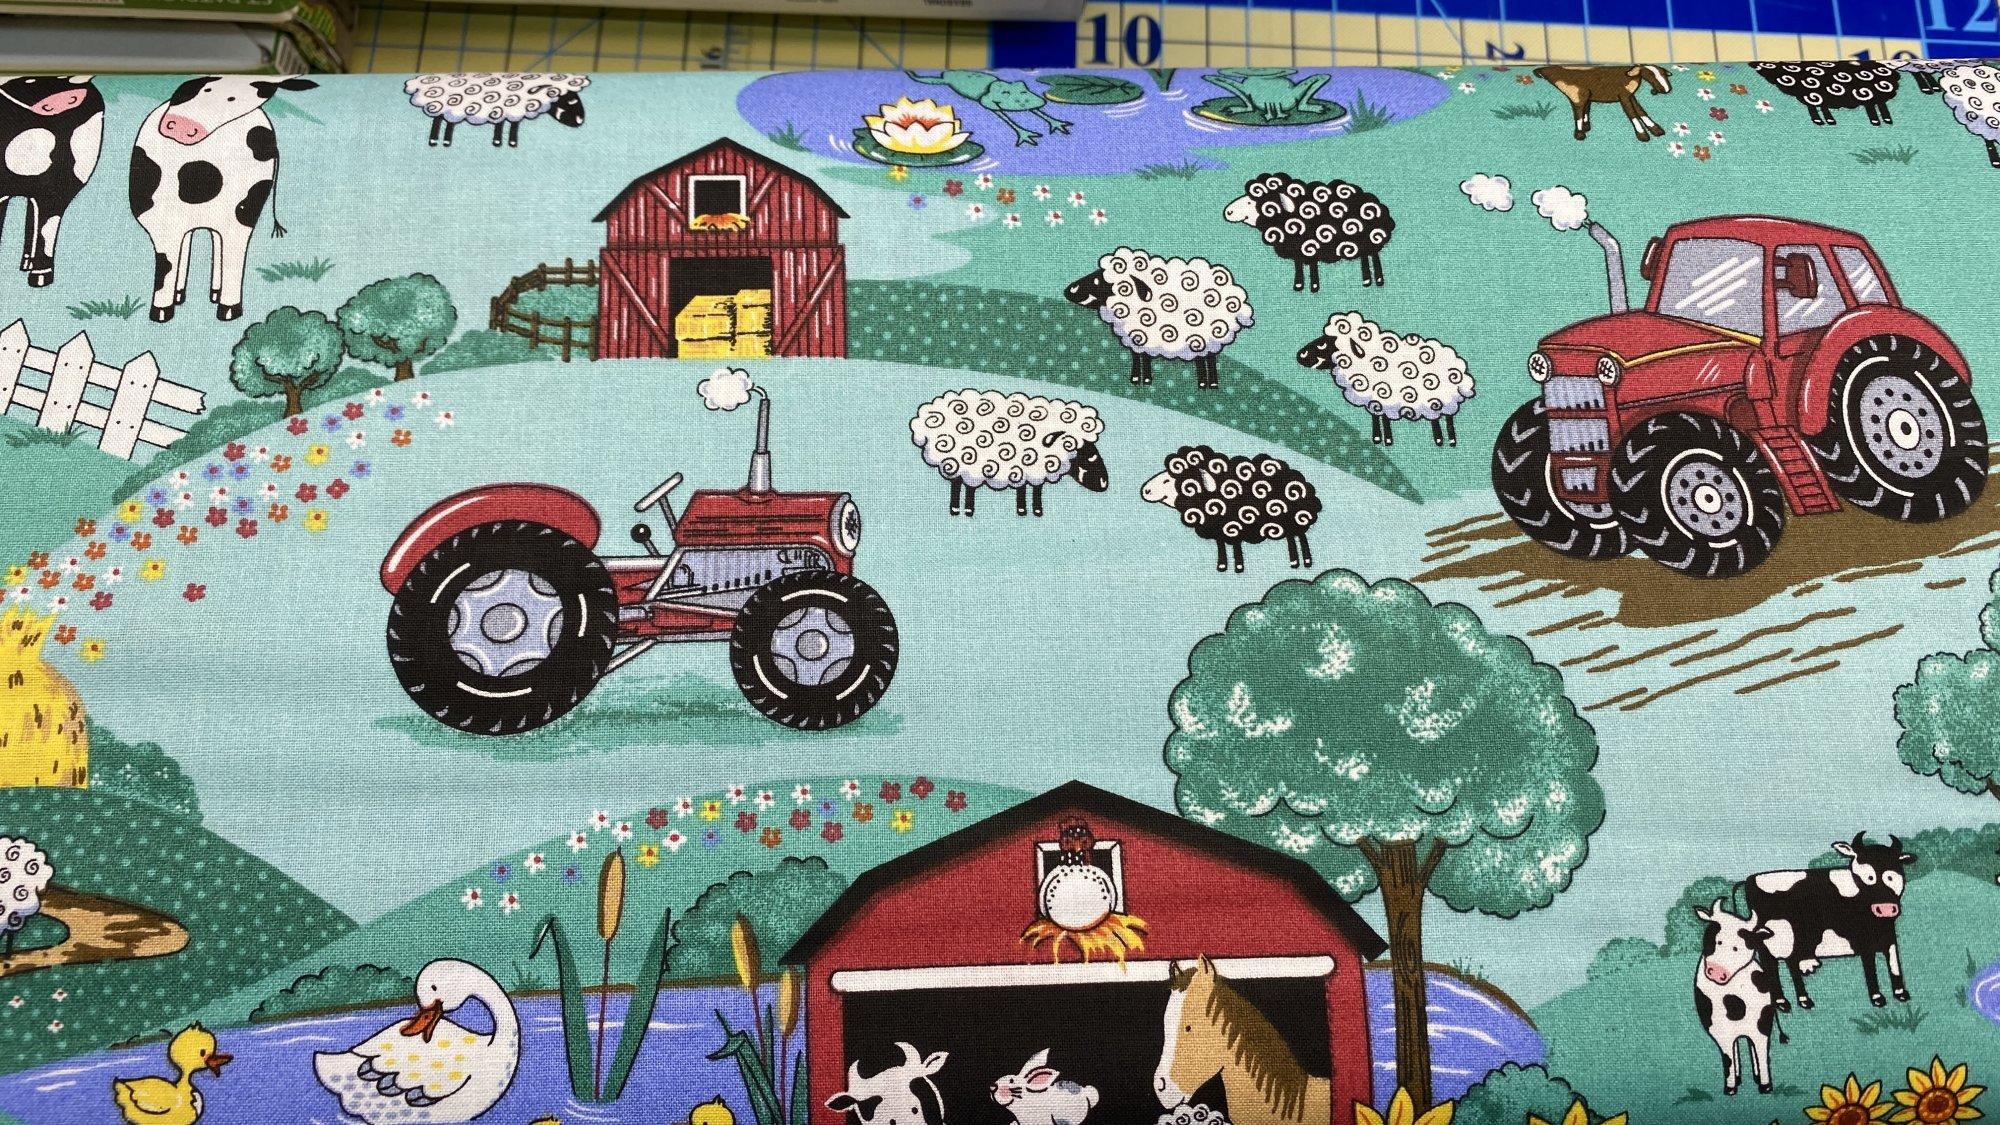 Fun on the Farm Chickens, Tractors, Barn, Cows